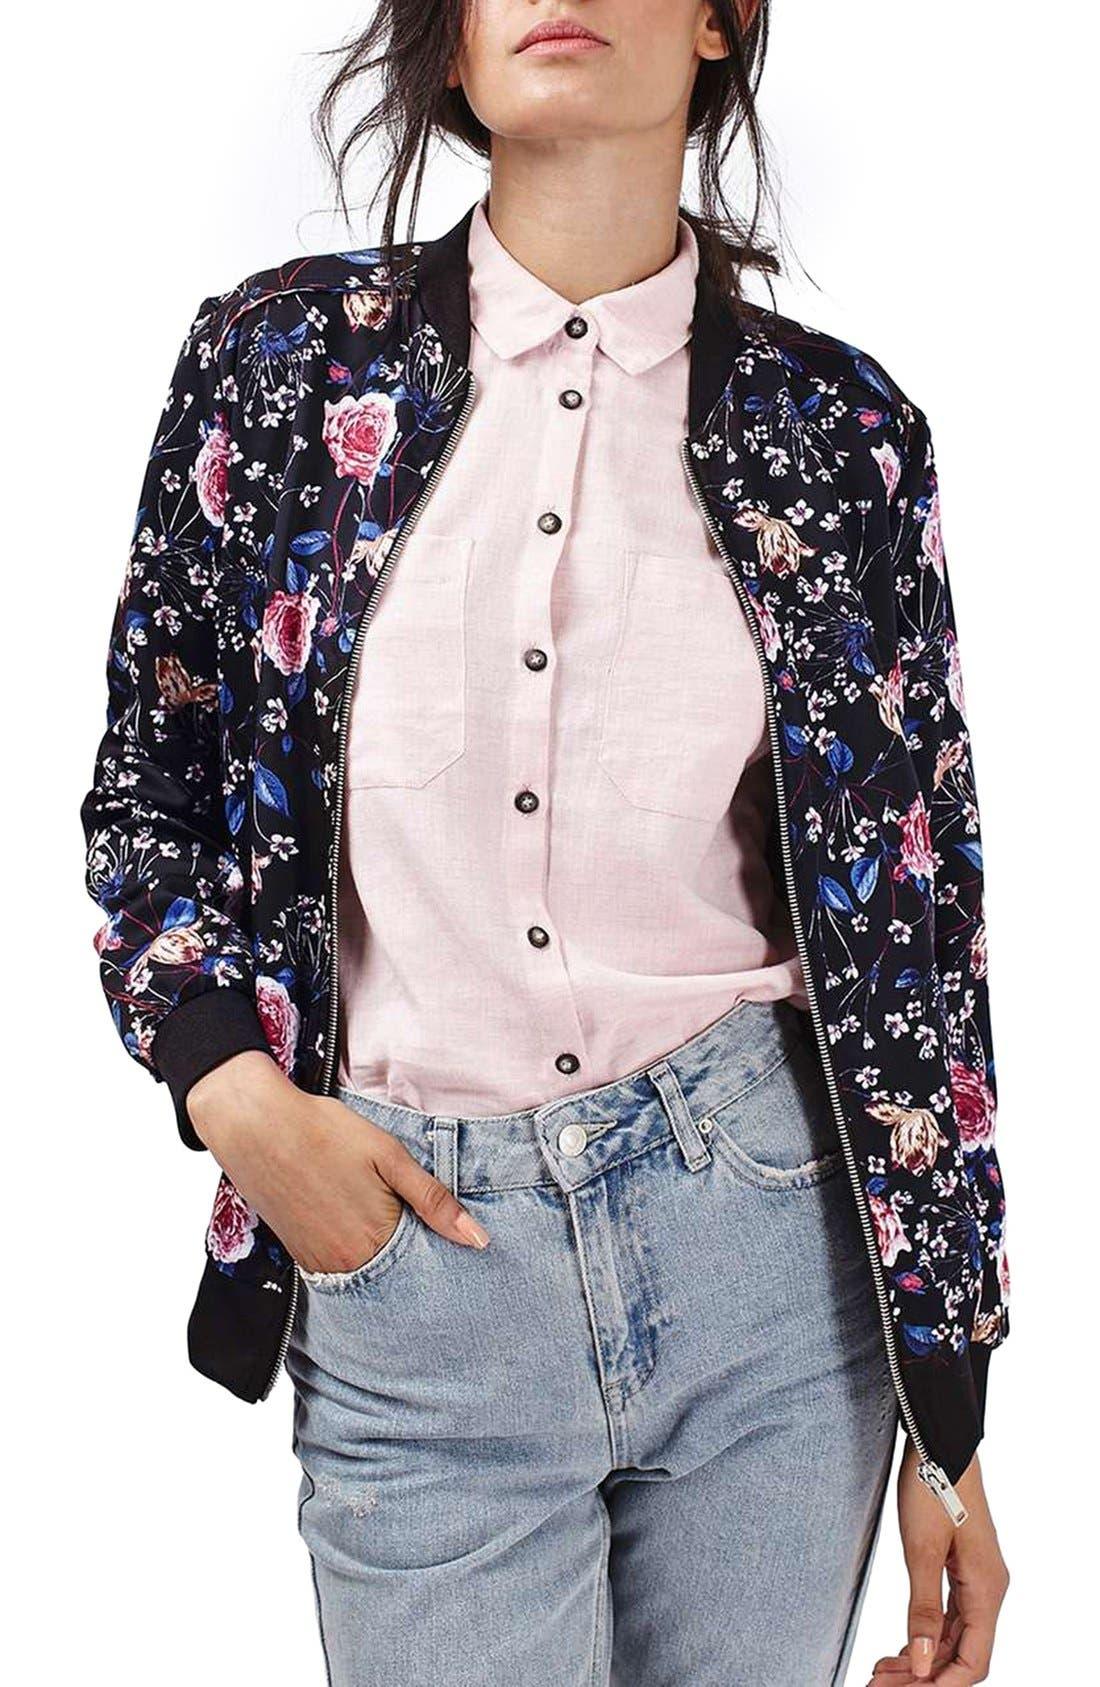 Alternate Image 1 Selected - Topshop Floral Print Bomber Jacket